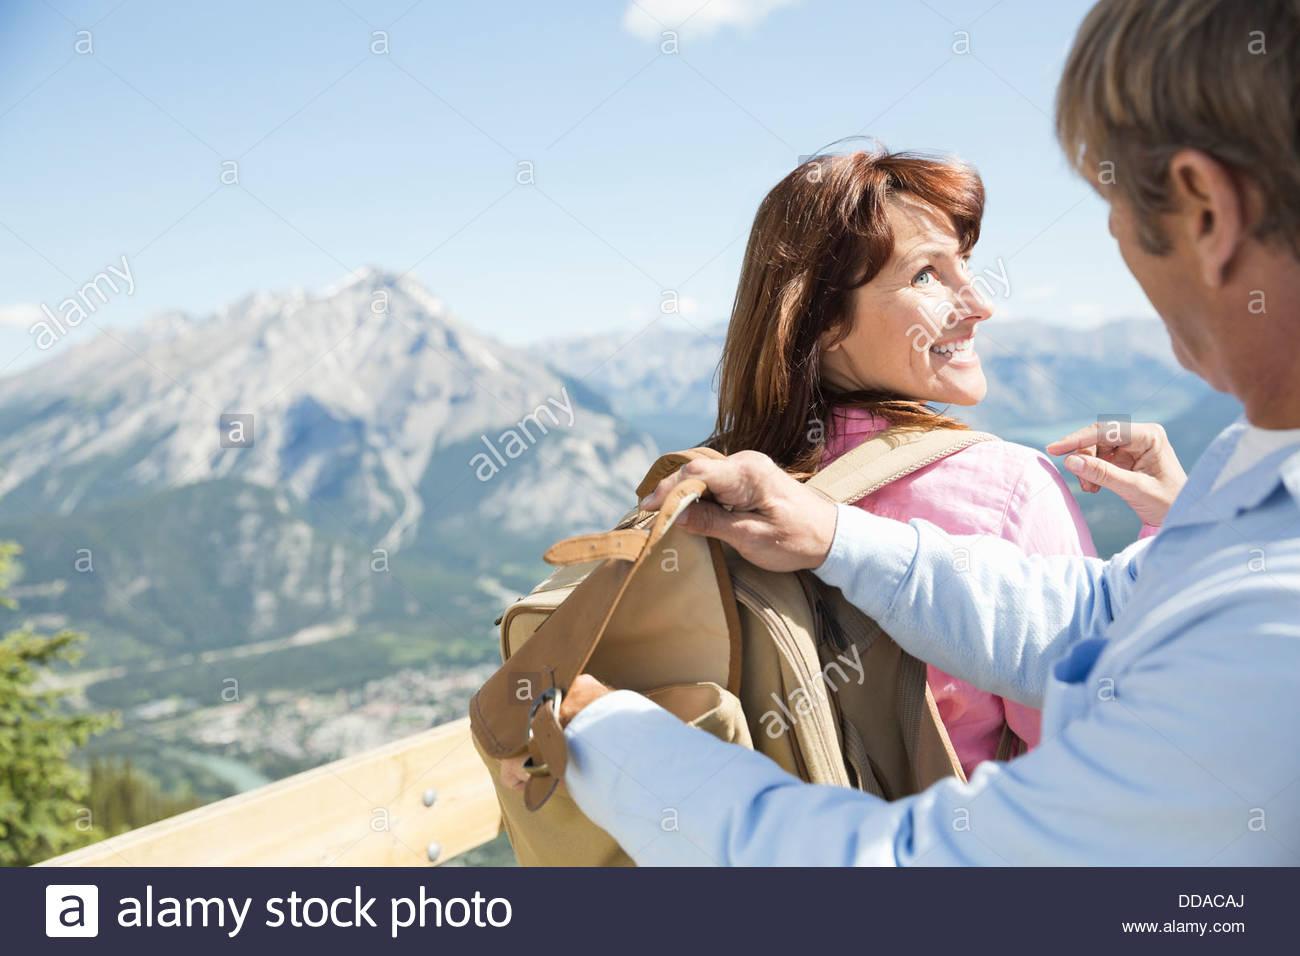 Sac à dos homme recherche dans Photo Stock